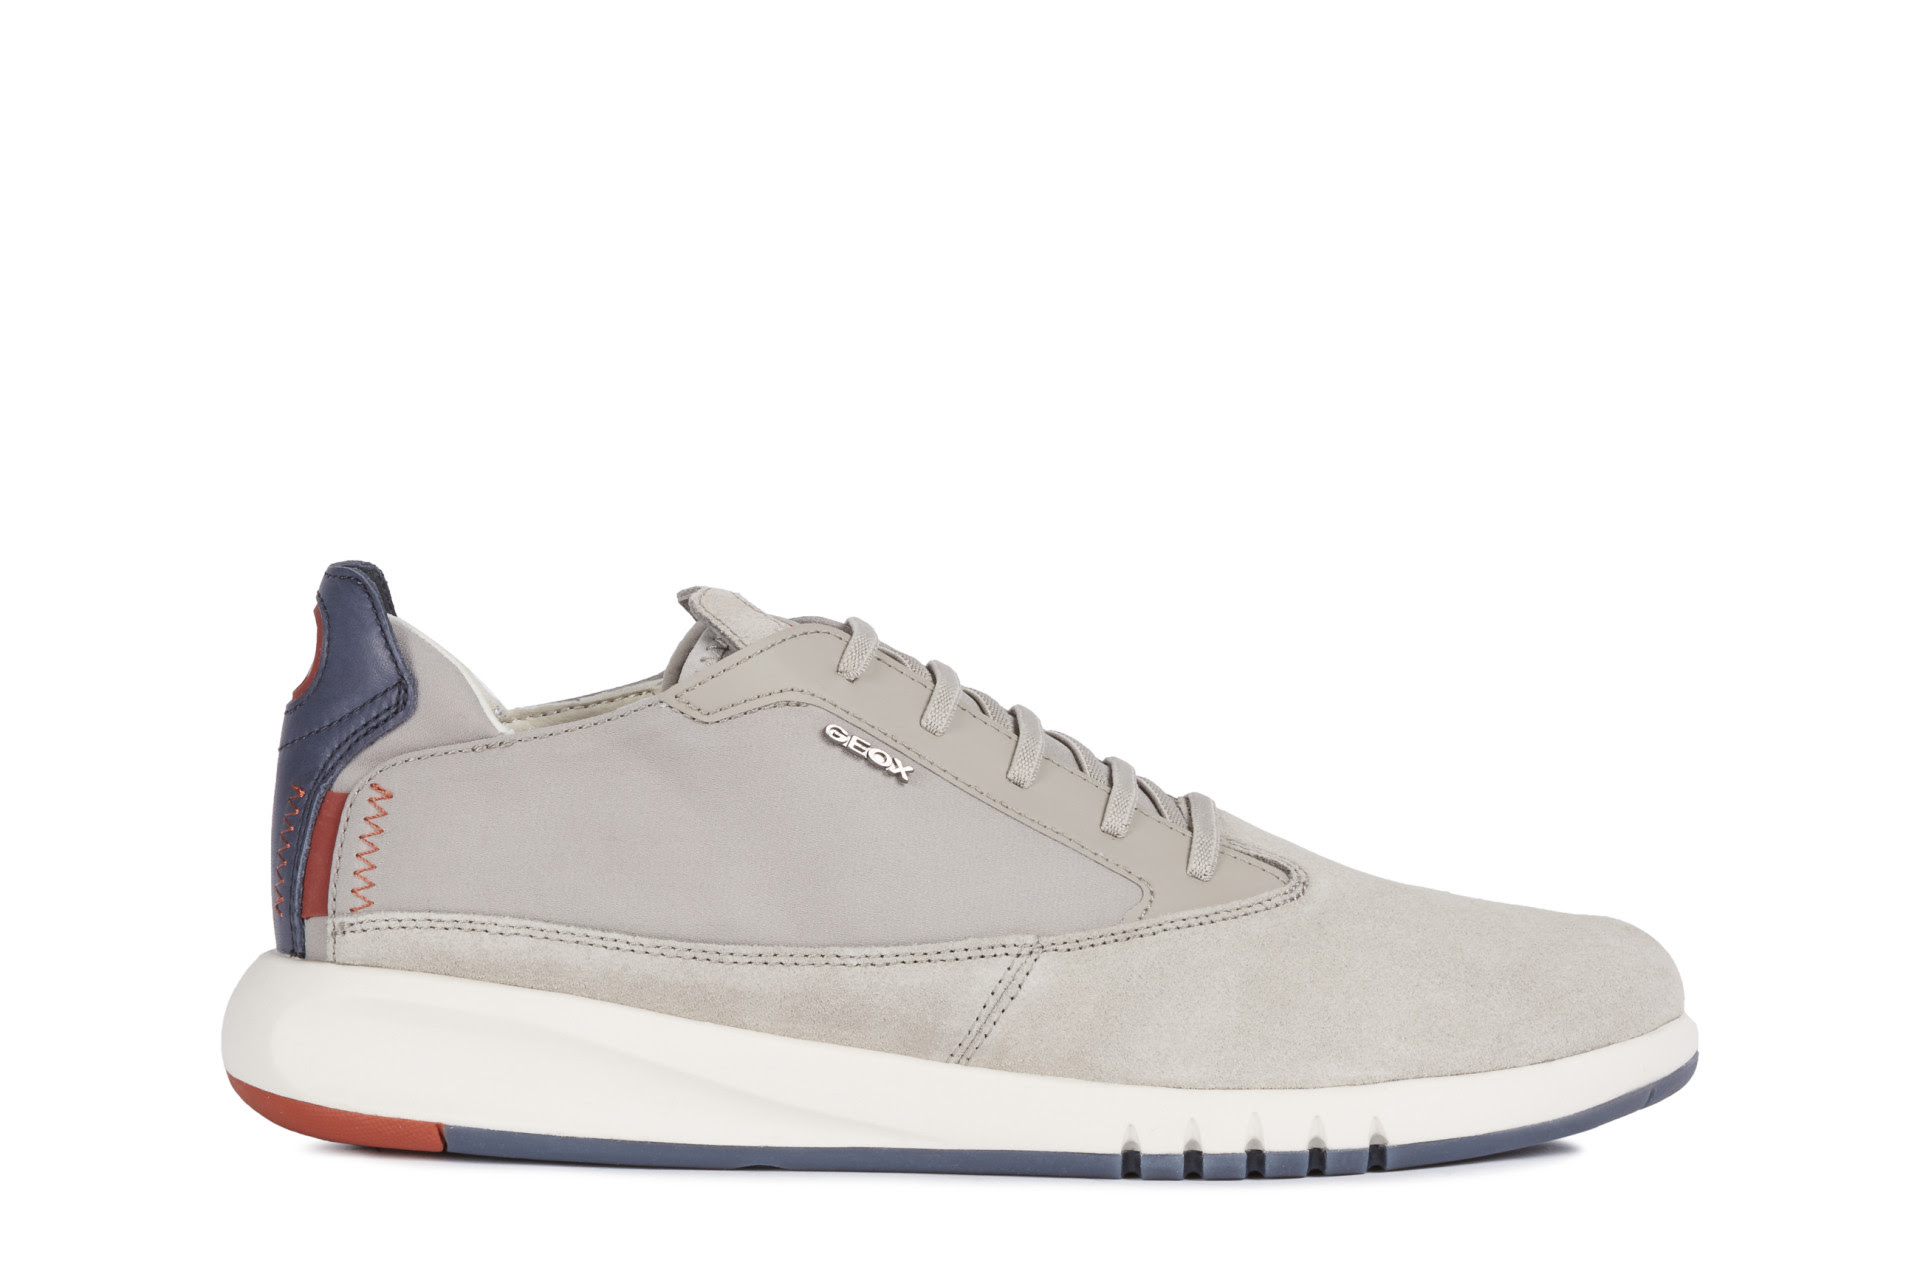 zapatos geox en valladolid 2019